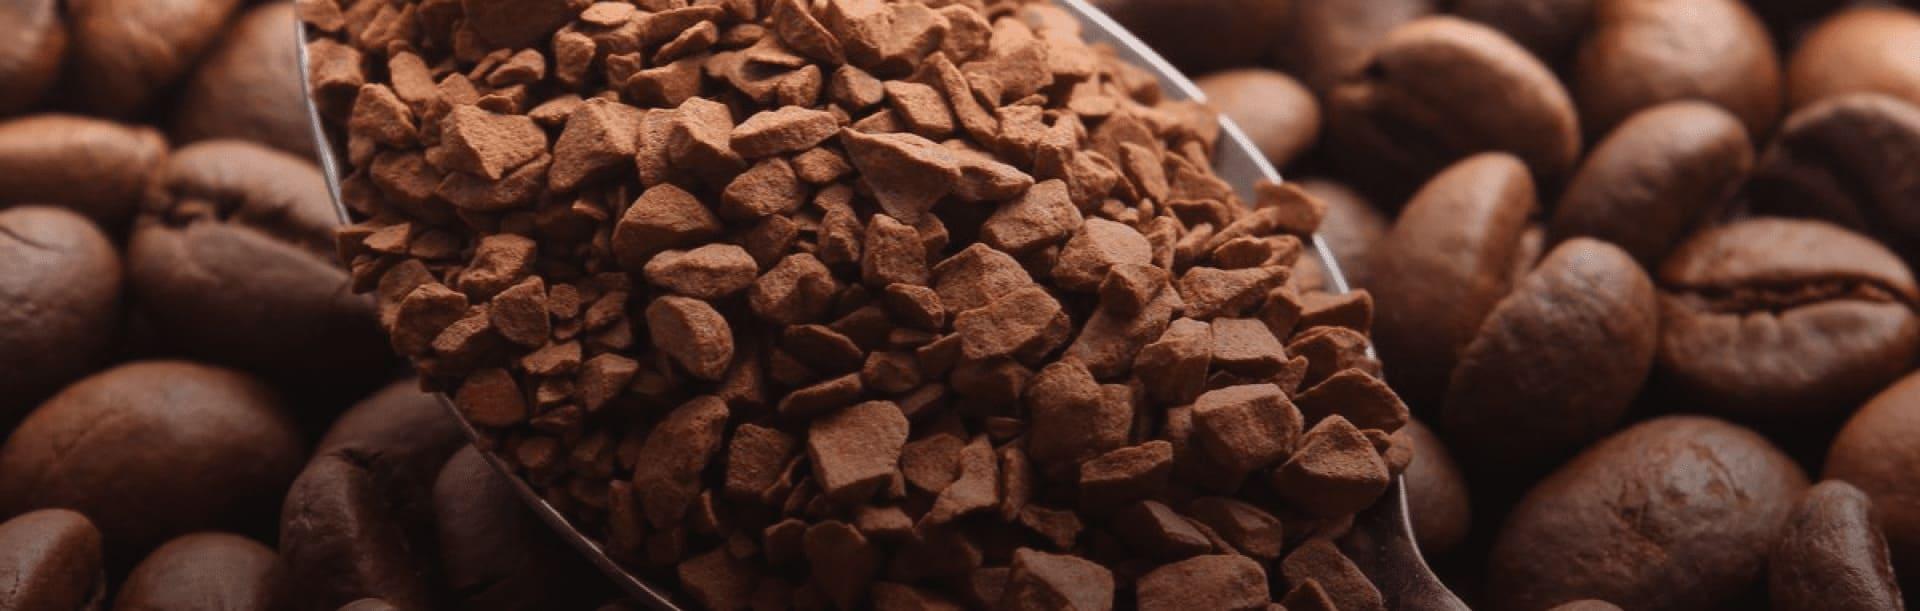 Foto ilustrativa de grãos de café solúvel